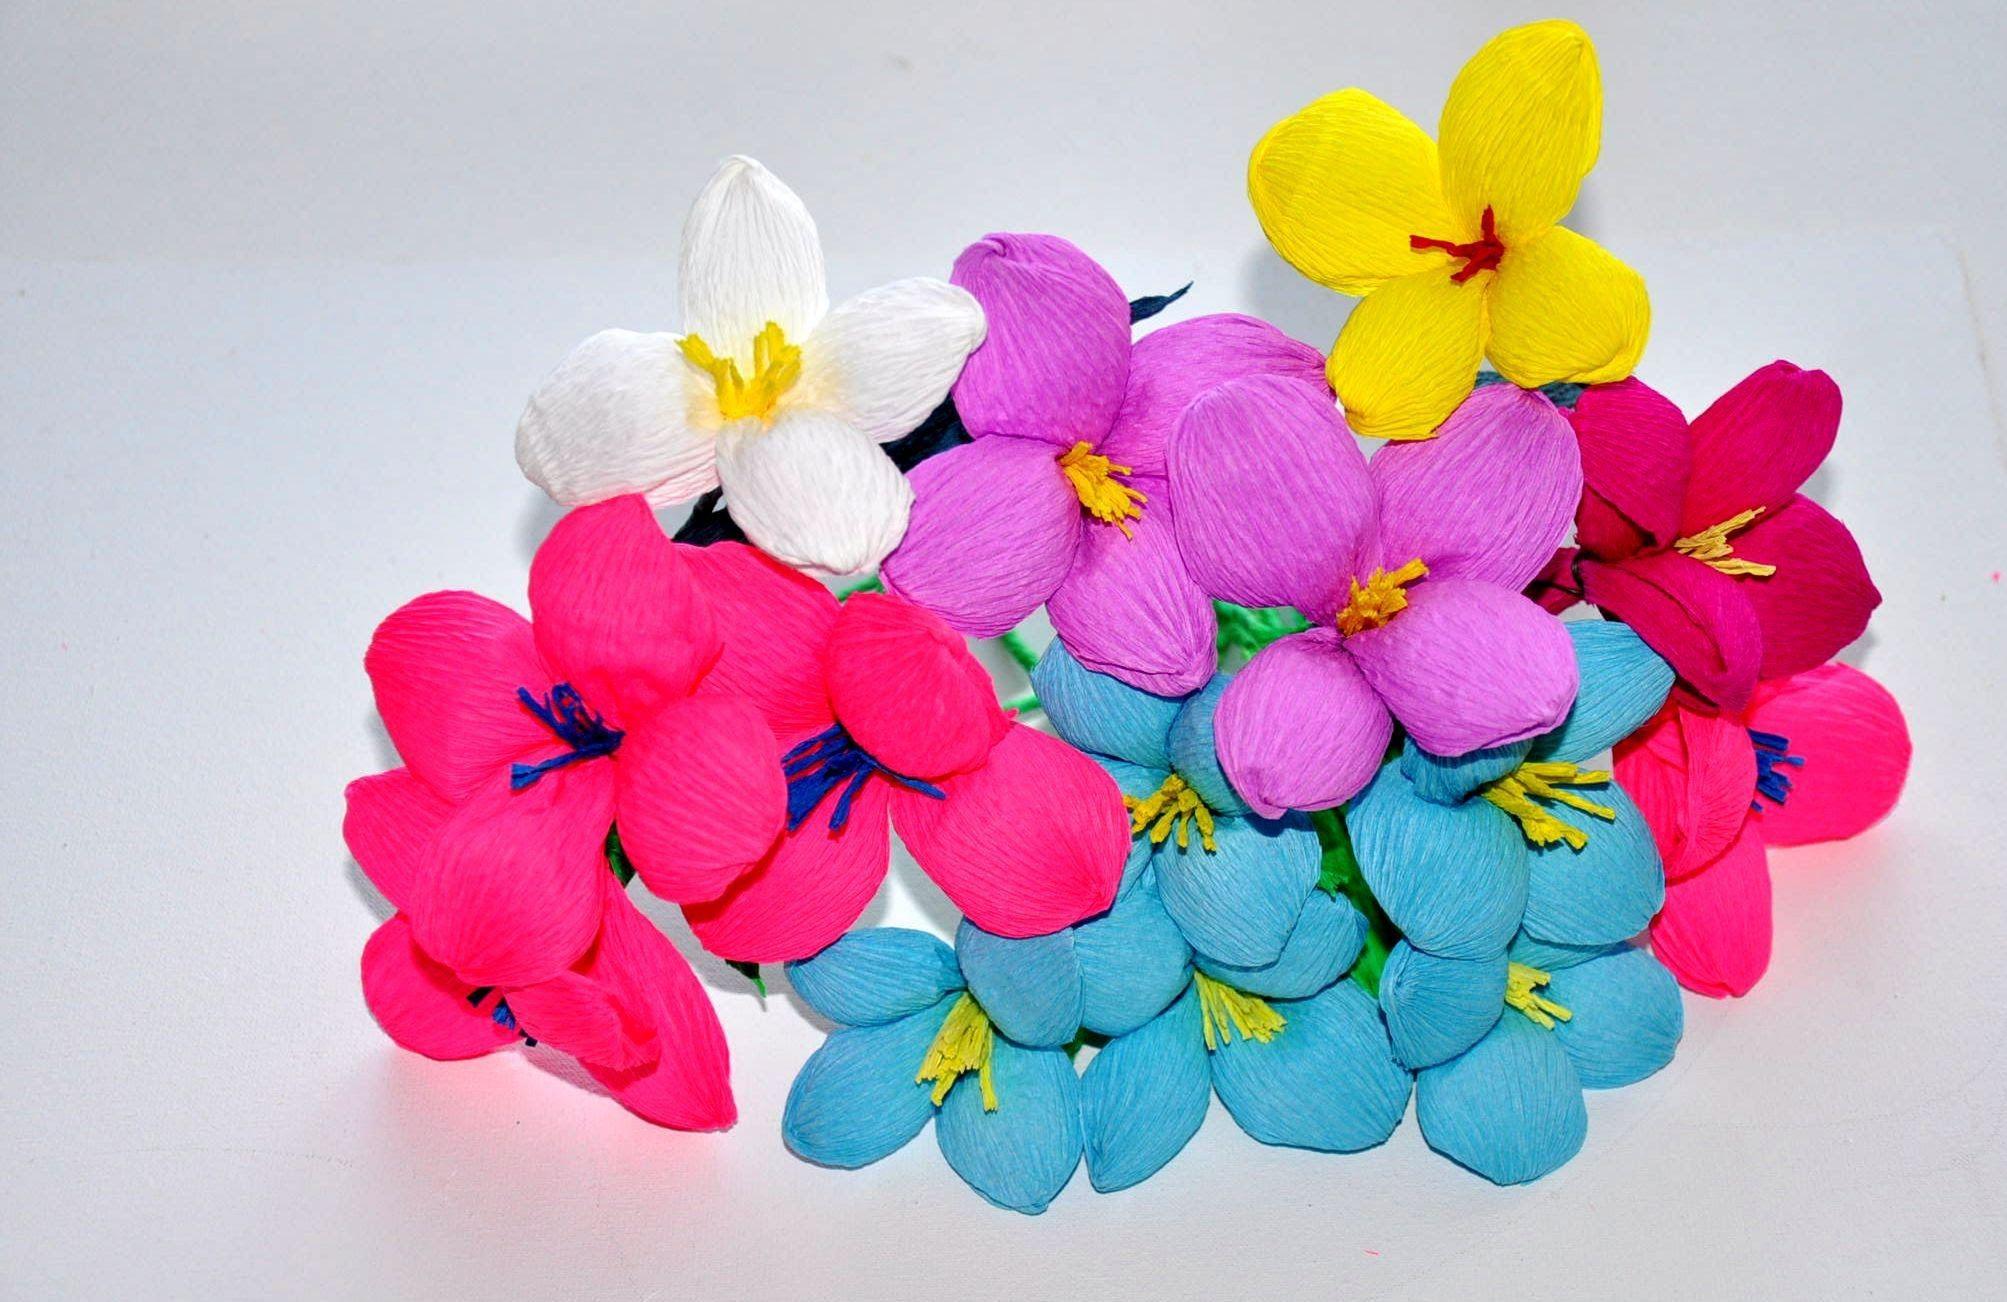 Bardzo Proste Kwiatki Z Wloskiej Bibuly Bardzo Ladnie Wygladaja W Malych I Duzych Bukietach Koszyczkach I Wazonikach Rob Paper Flowers Diy And Crafts Crafts